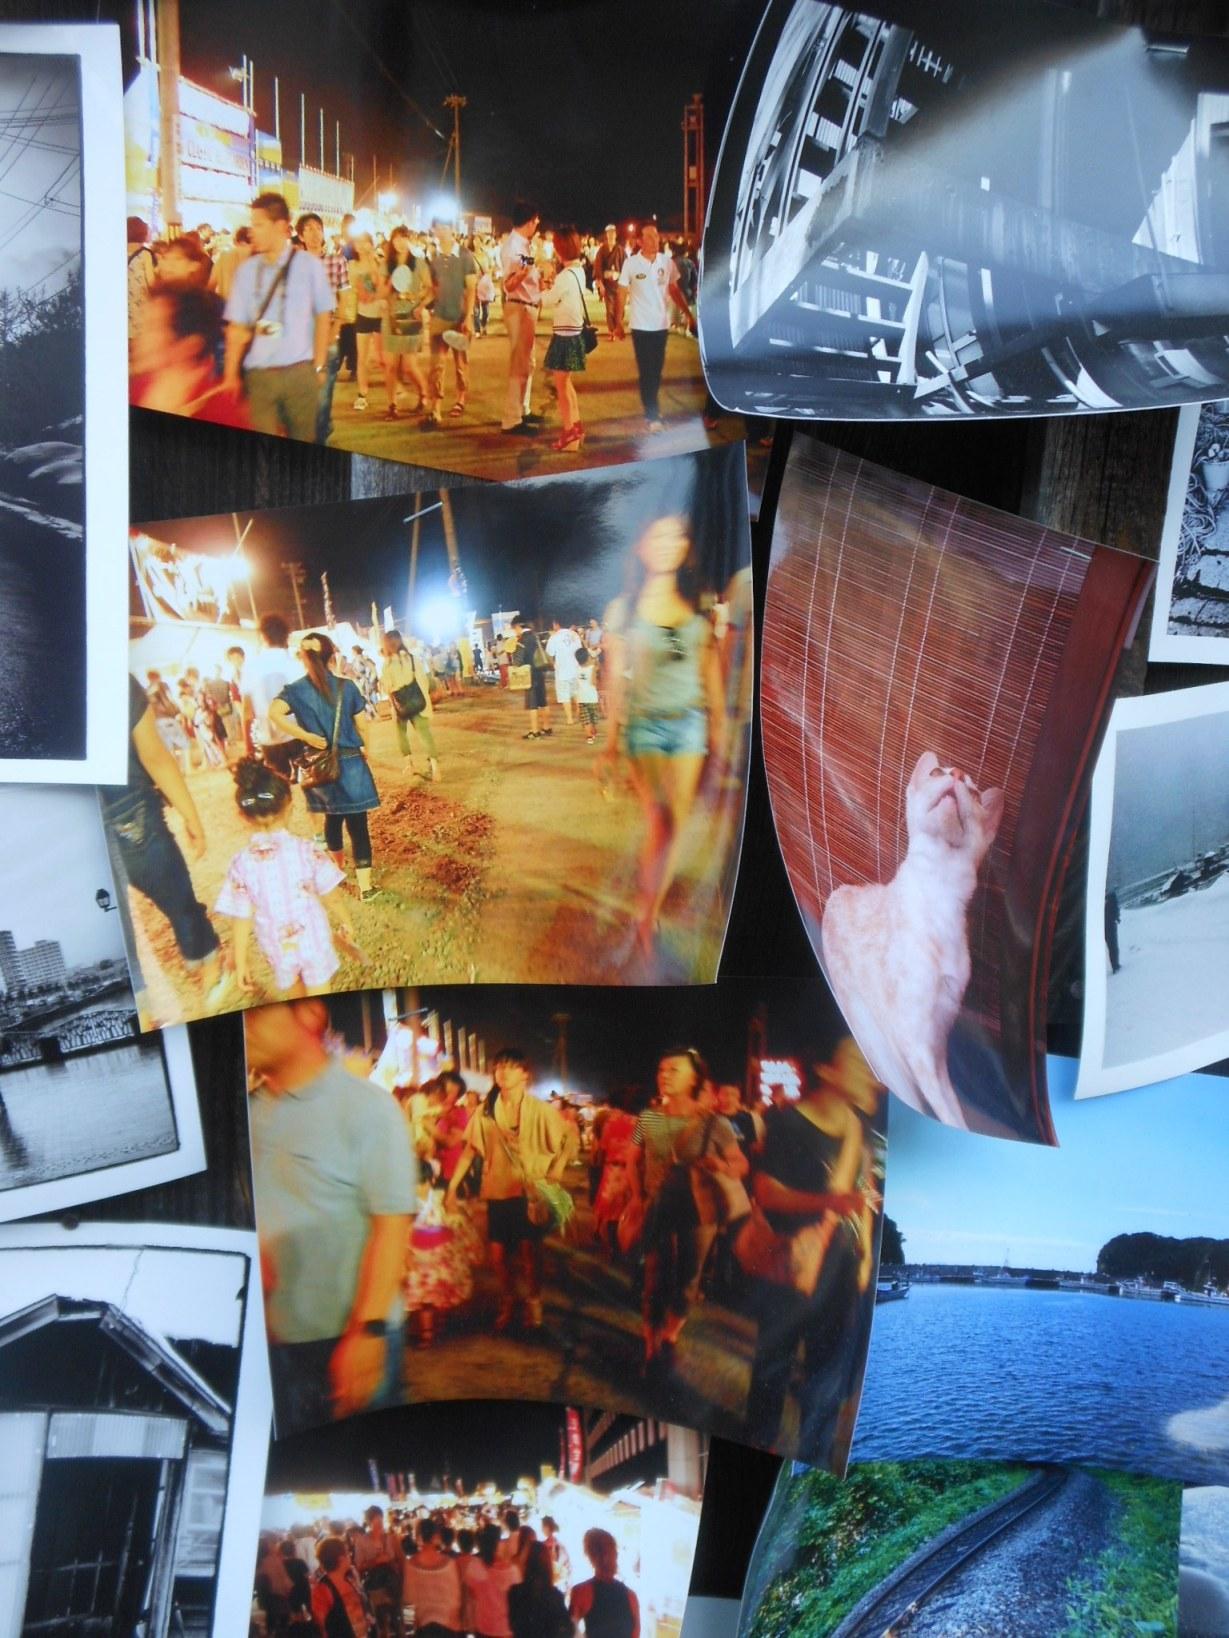 1822) 「小樽・鉄路・写真展 13th 2012」 小樽旧手宮線跡地 8月27日(月)~9月9日(日)_f0126829_9125927.jpg